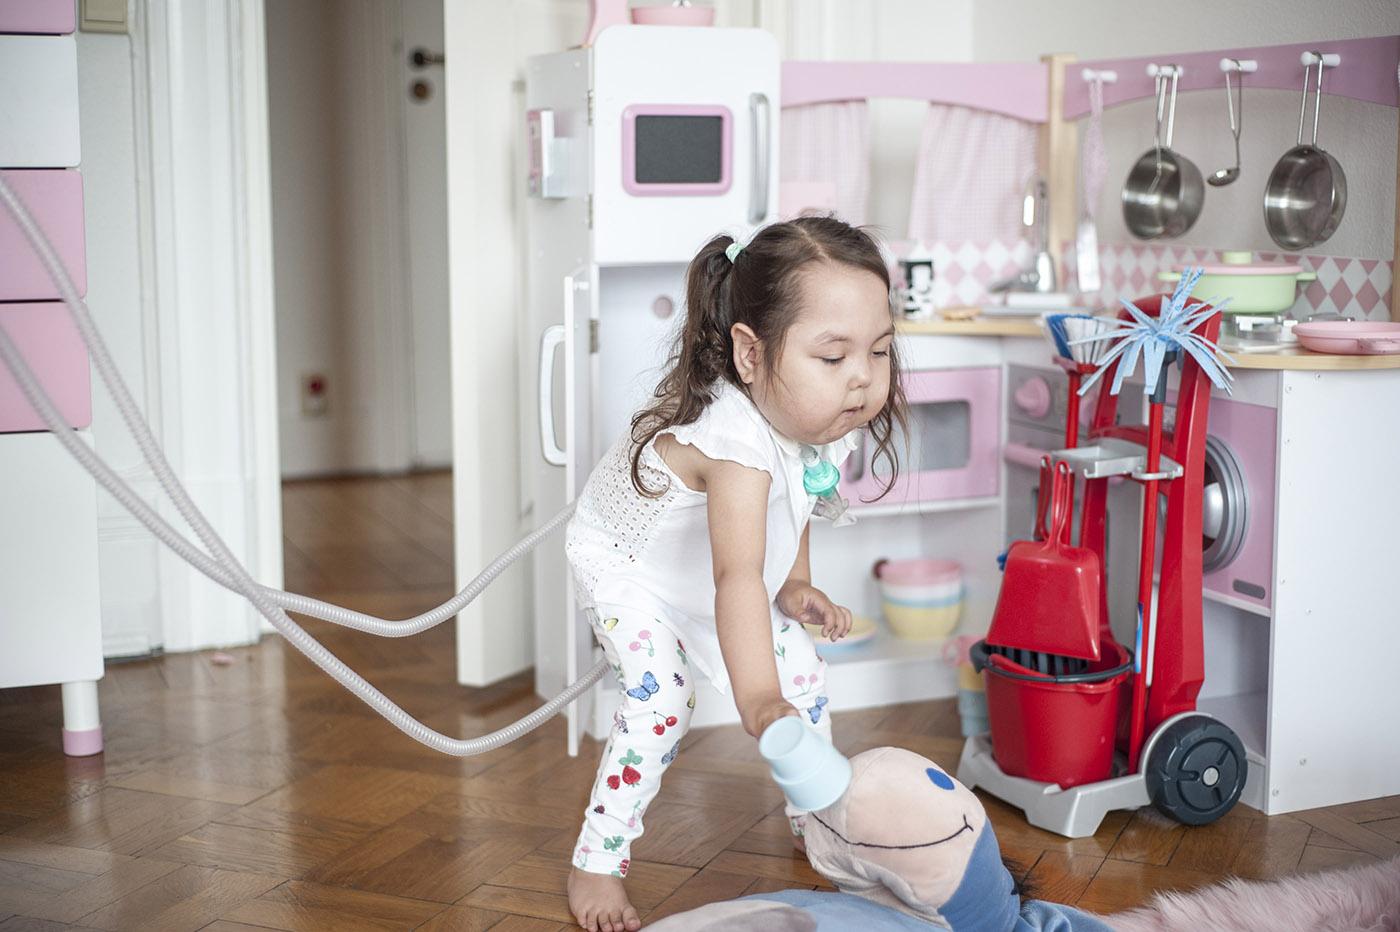 Den smidiga lilla hemventilatorn som låter barnet delvis styra andningen själv var Alisa Johansson först i Skandinavien med att få prova. Äter gör hon via en knapp på magen. Foto:  Li Fernstedt